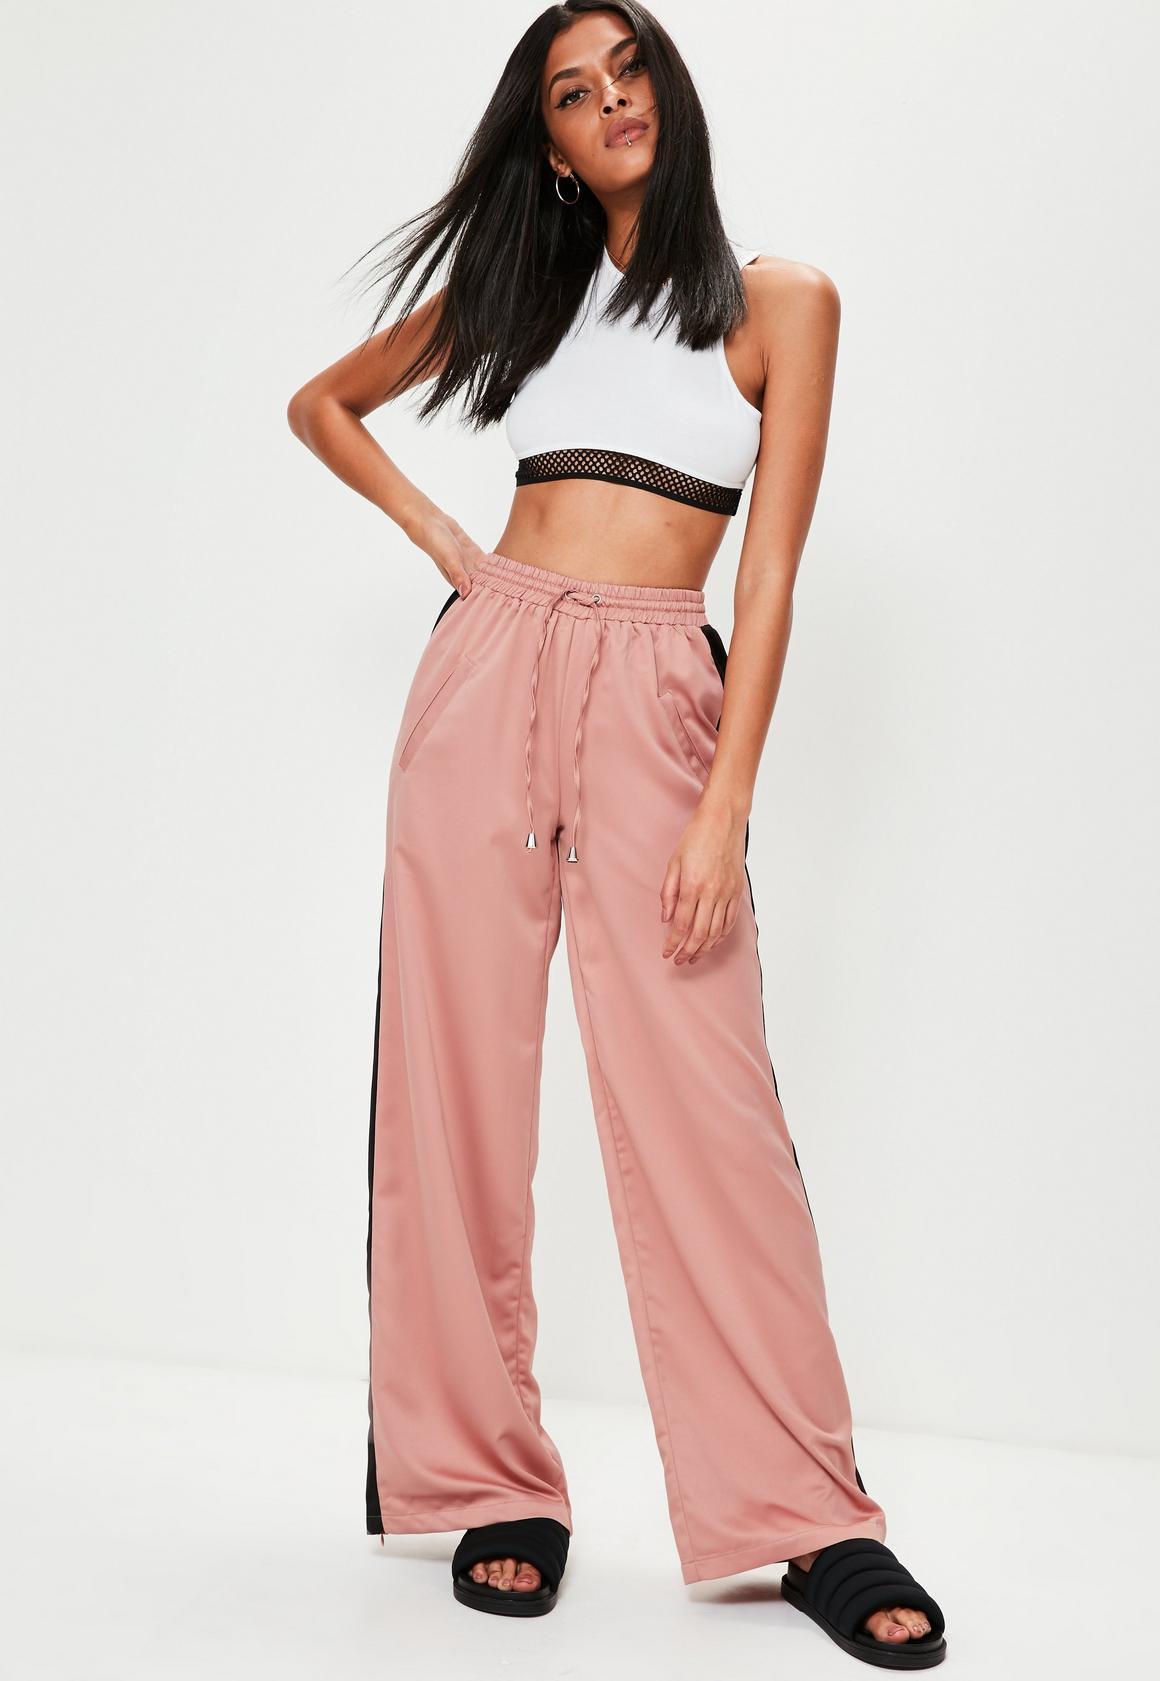 Pantalón de pierna ancha con franja lateral en satén dorado rosa ...